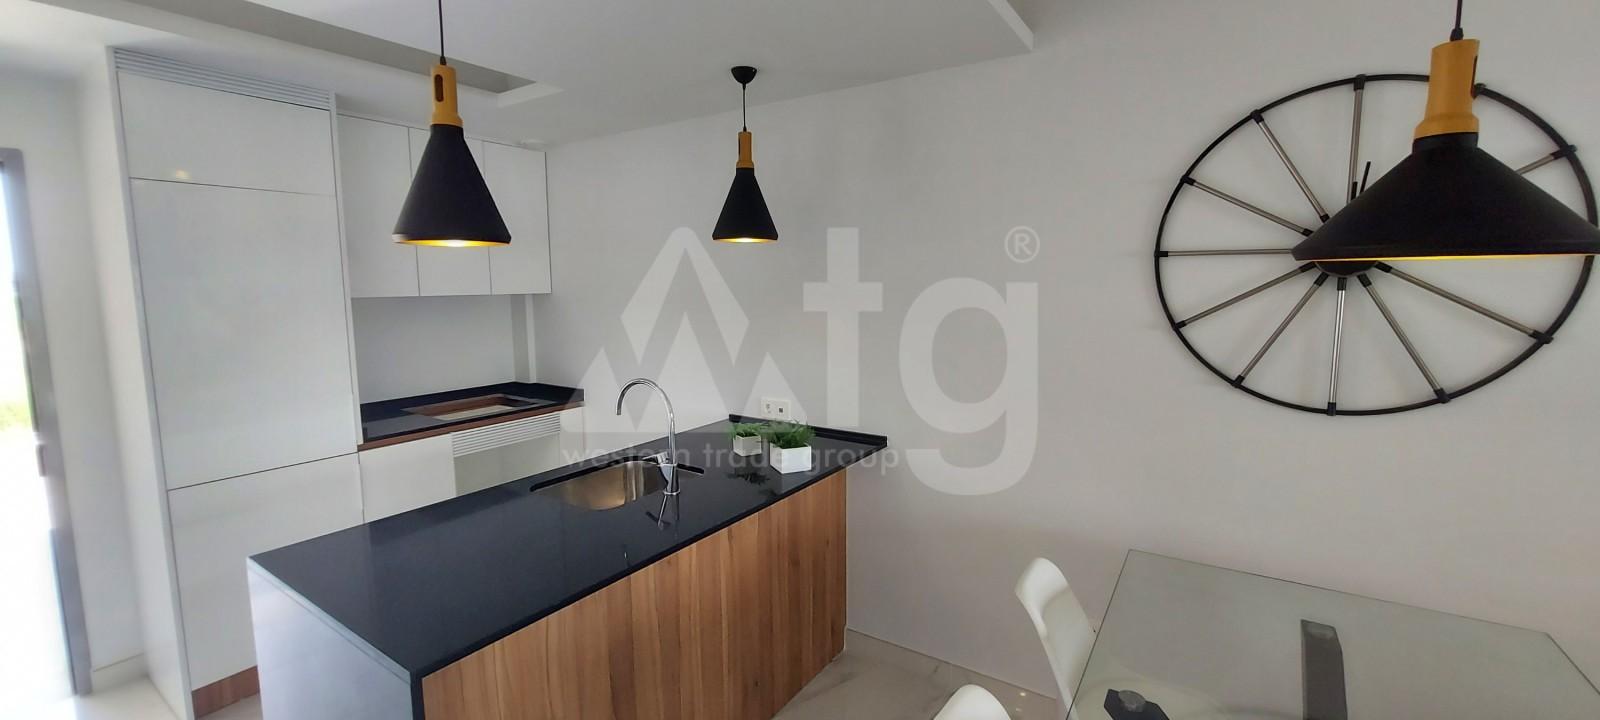 Apartament w Guardamar del Segura, 2 sypialnie  - DI6350 - 24